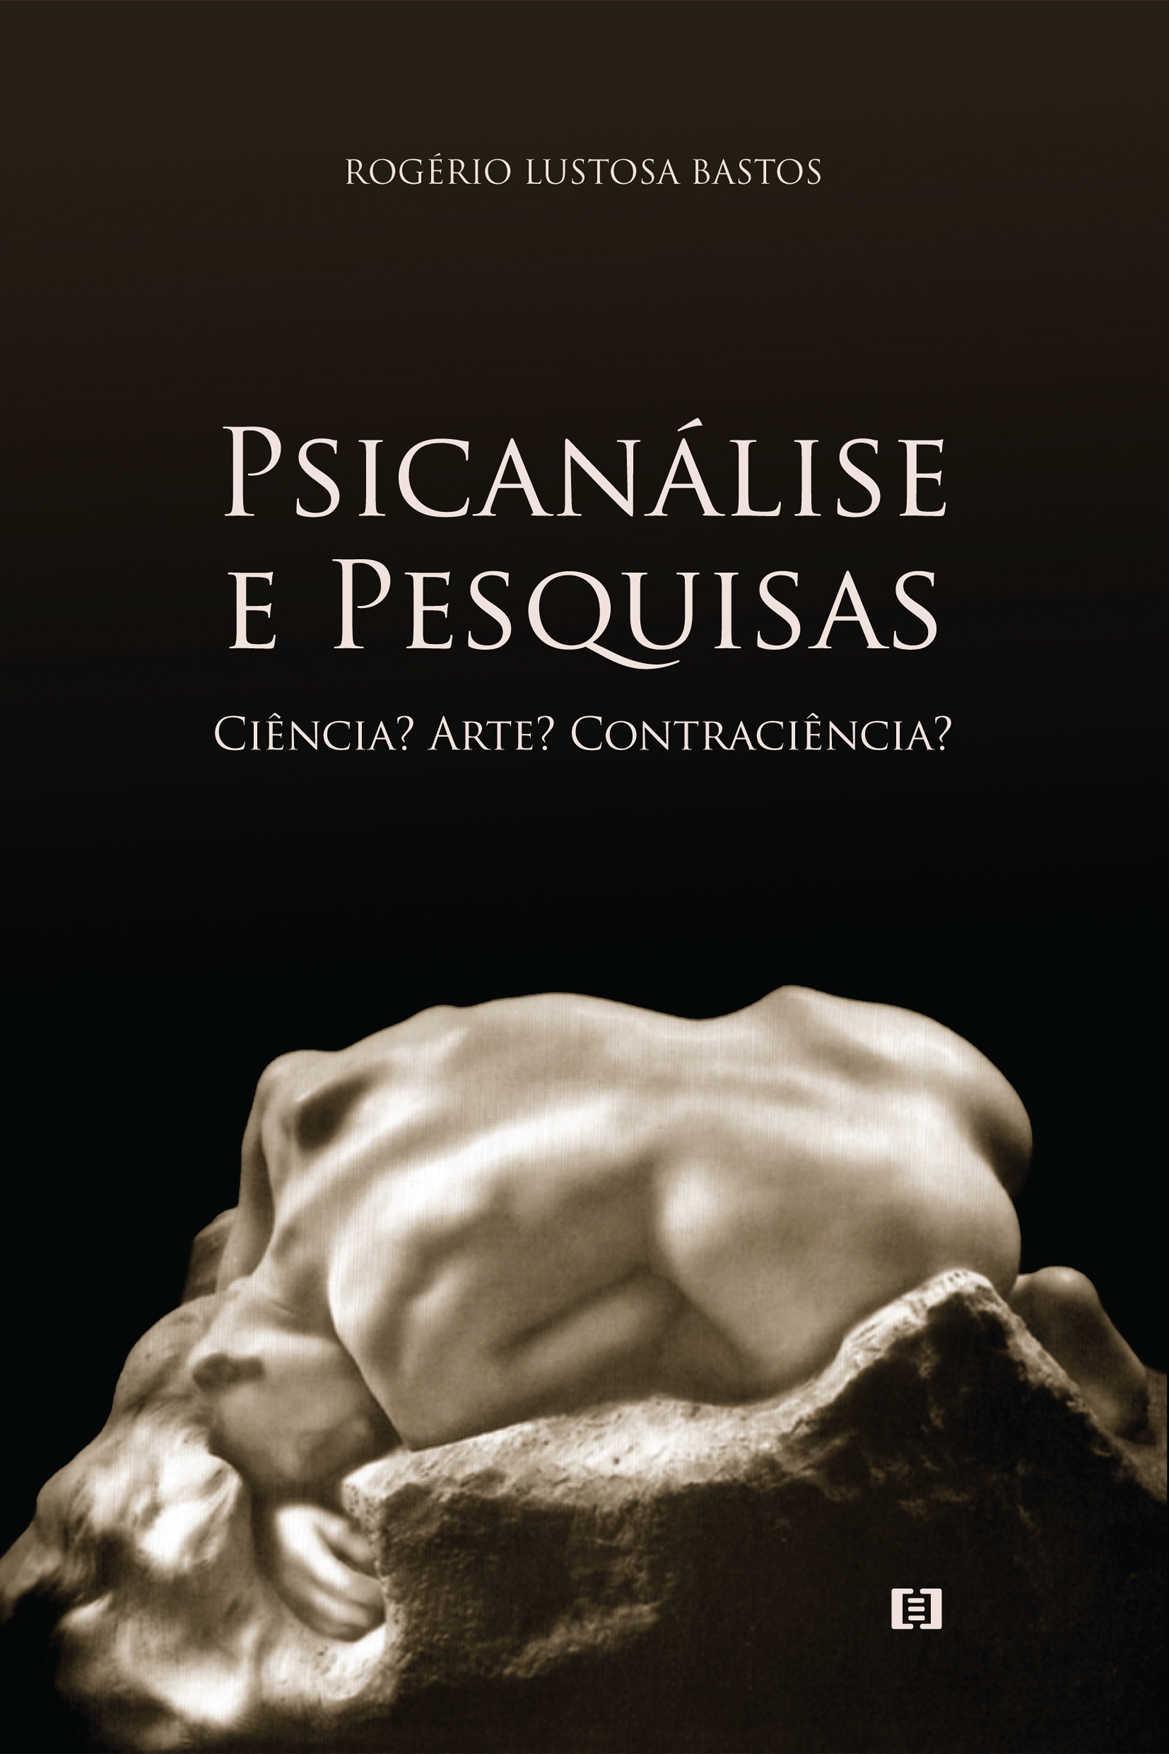 Psicanálise e pesquisas: Ciência? Arte? Contraciência?